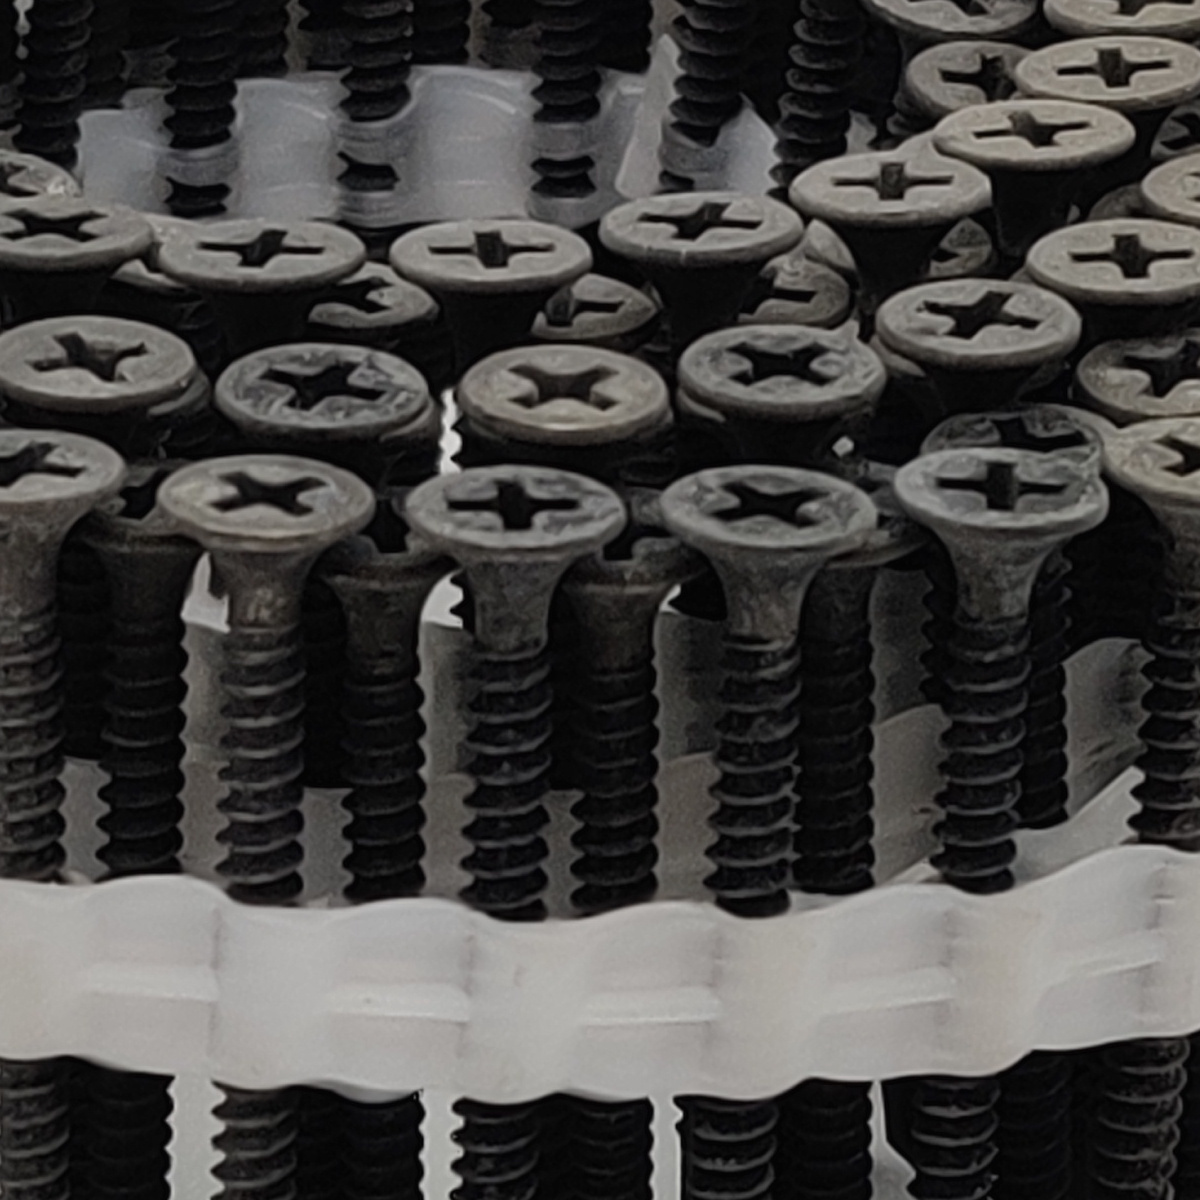 Coil Schnellbauschrauben | phosphatiert | Bohrspitze | 3,5x25 | 2.500 Stk